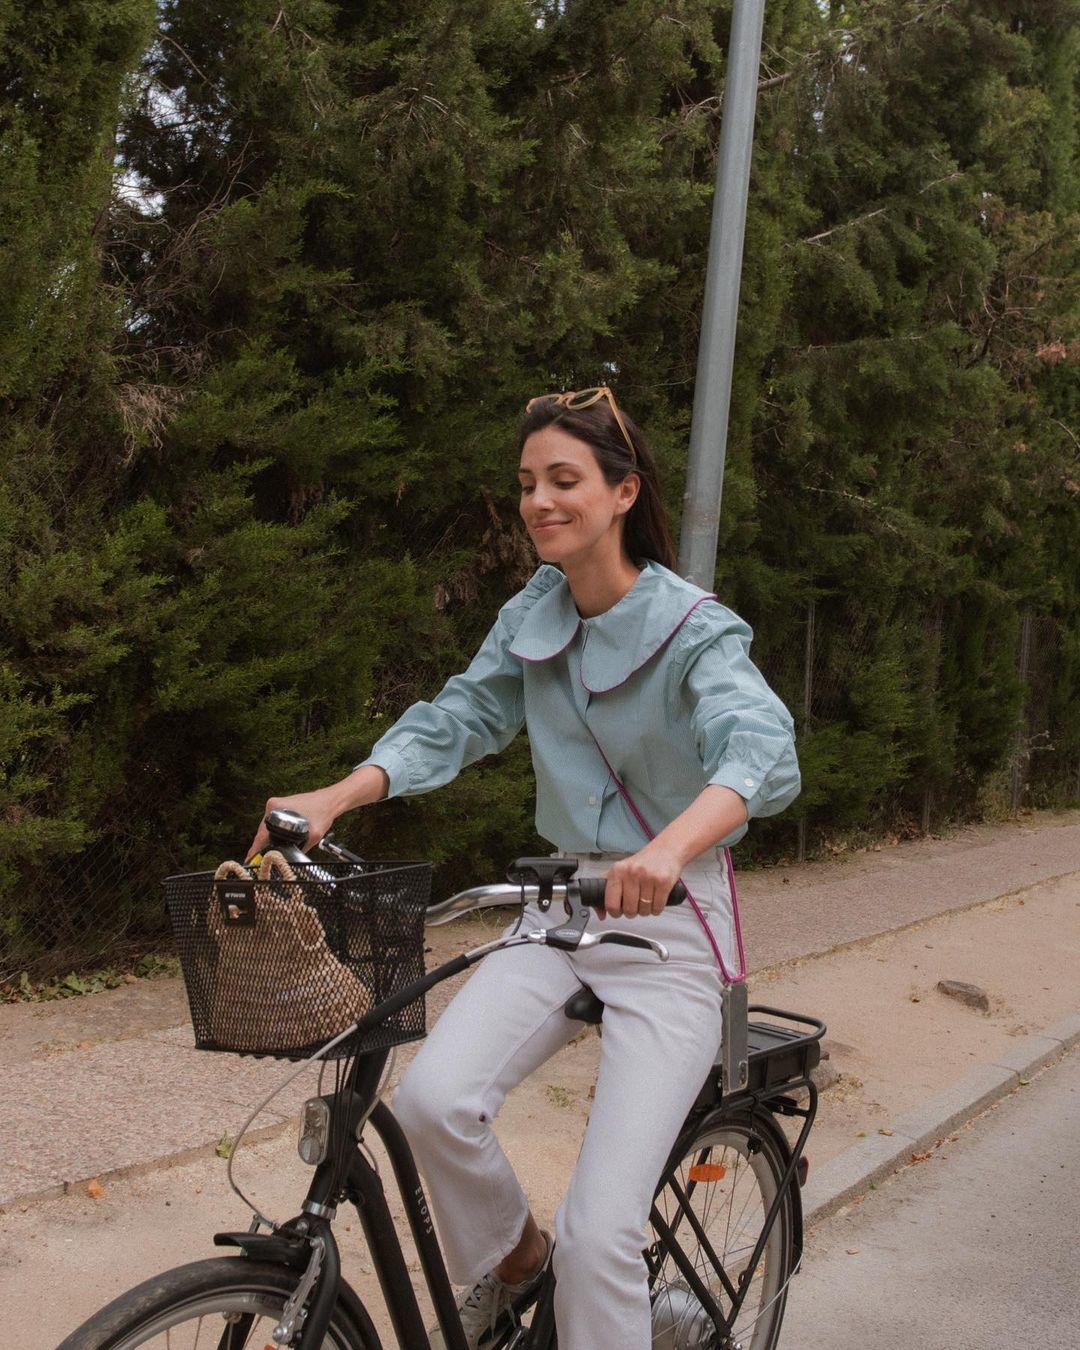 Sassa de Osma con vaquero blanco montando en bicicleta.